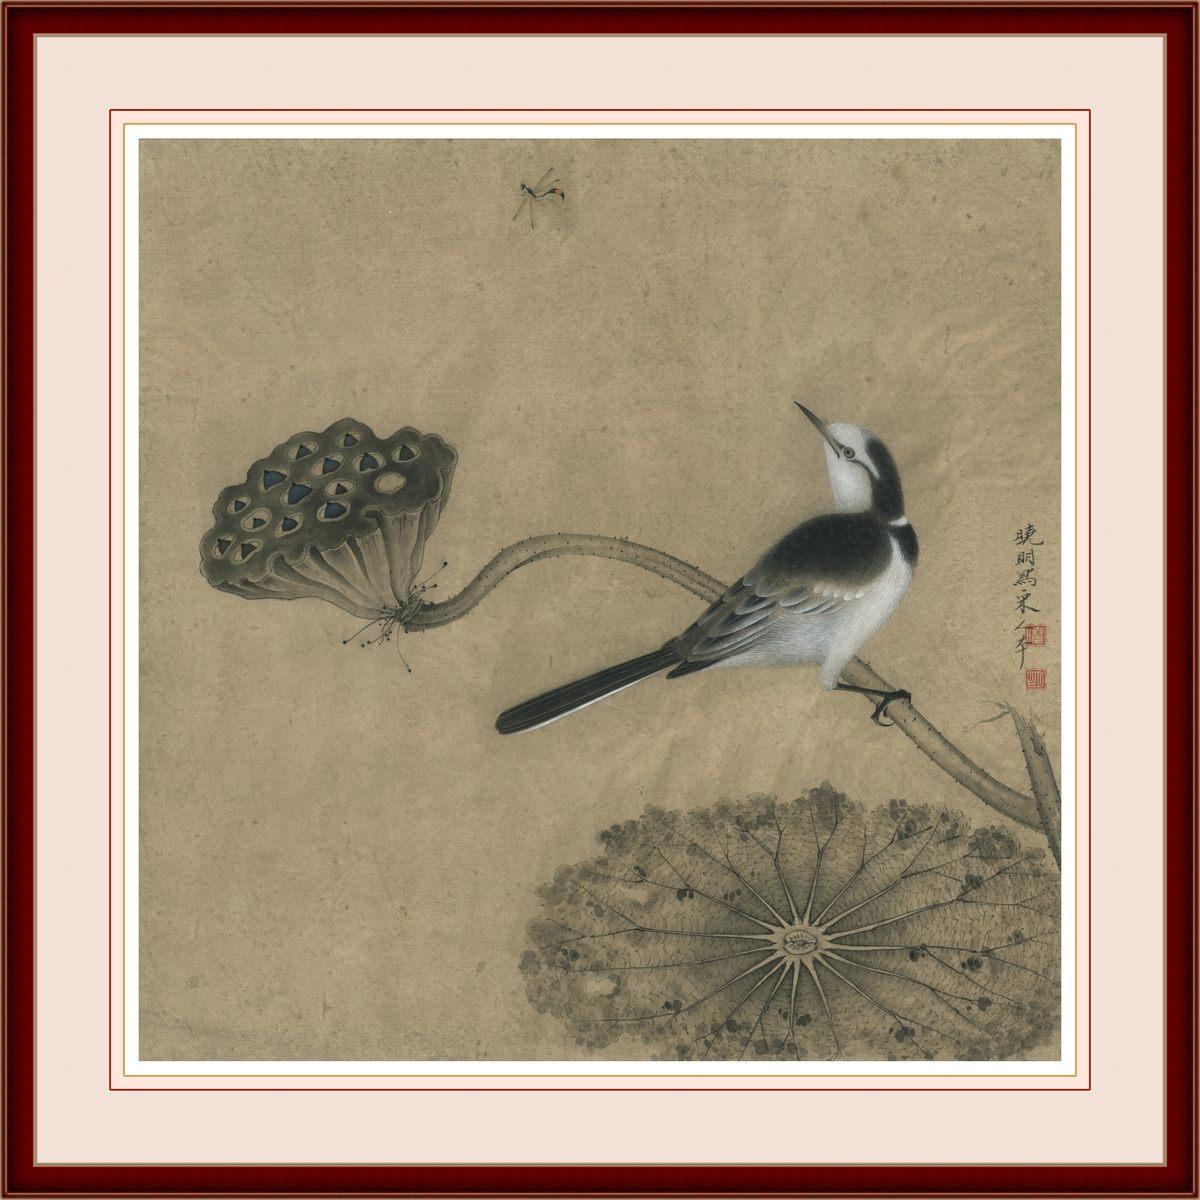 0226_中国画素材jpg格式_中式国画-荷花图225_